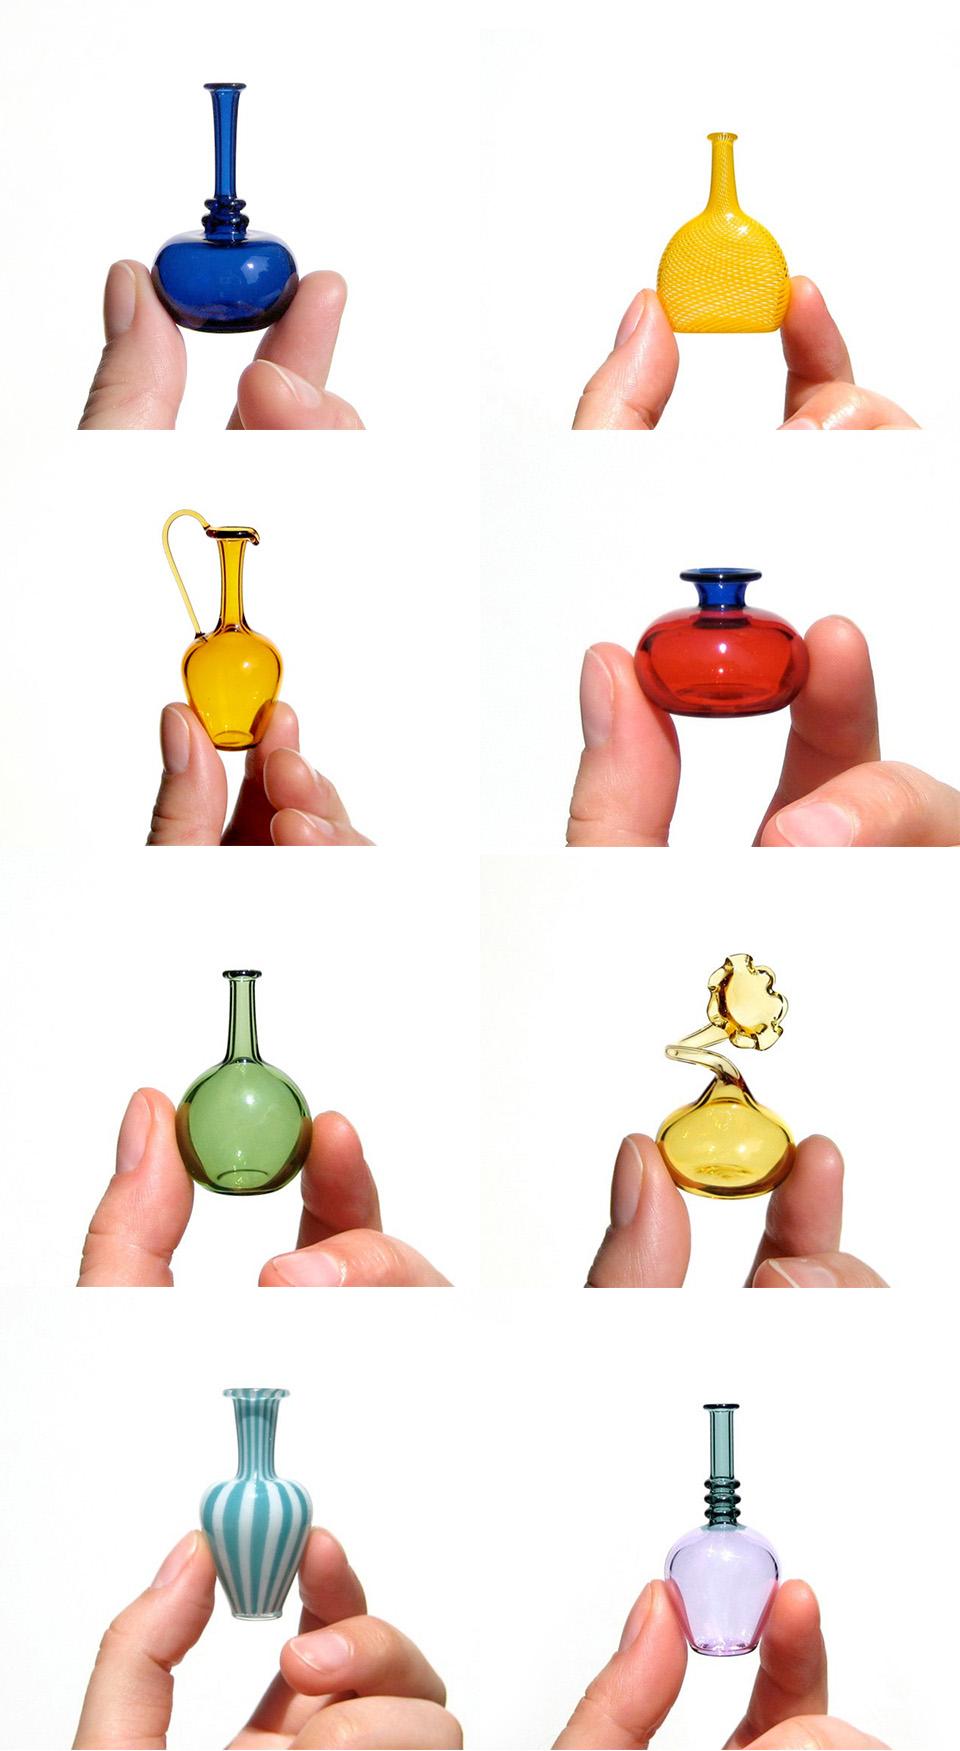 miniature-vetro-soffiato-a-mano-bicchieri-bottiglie-vasi-kiva-ford-6